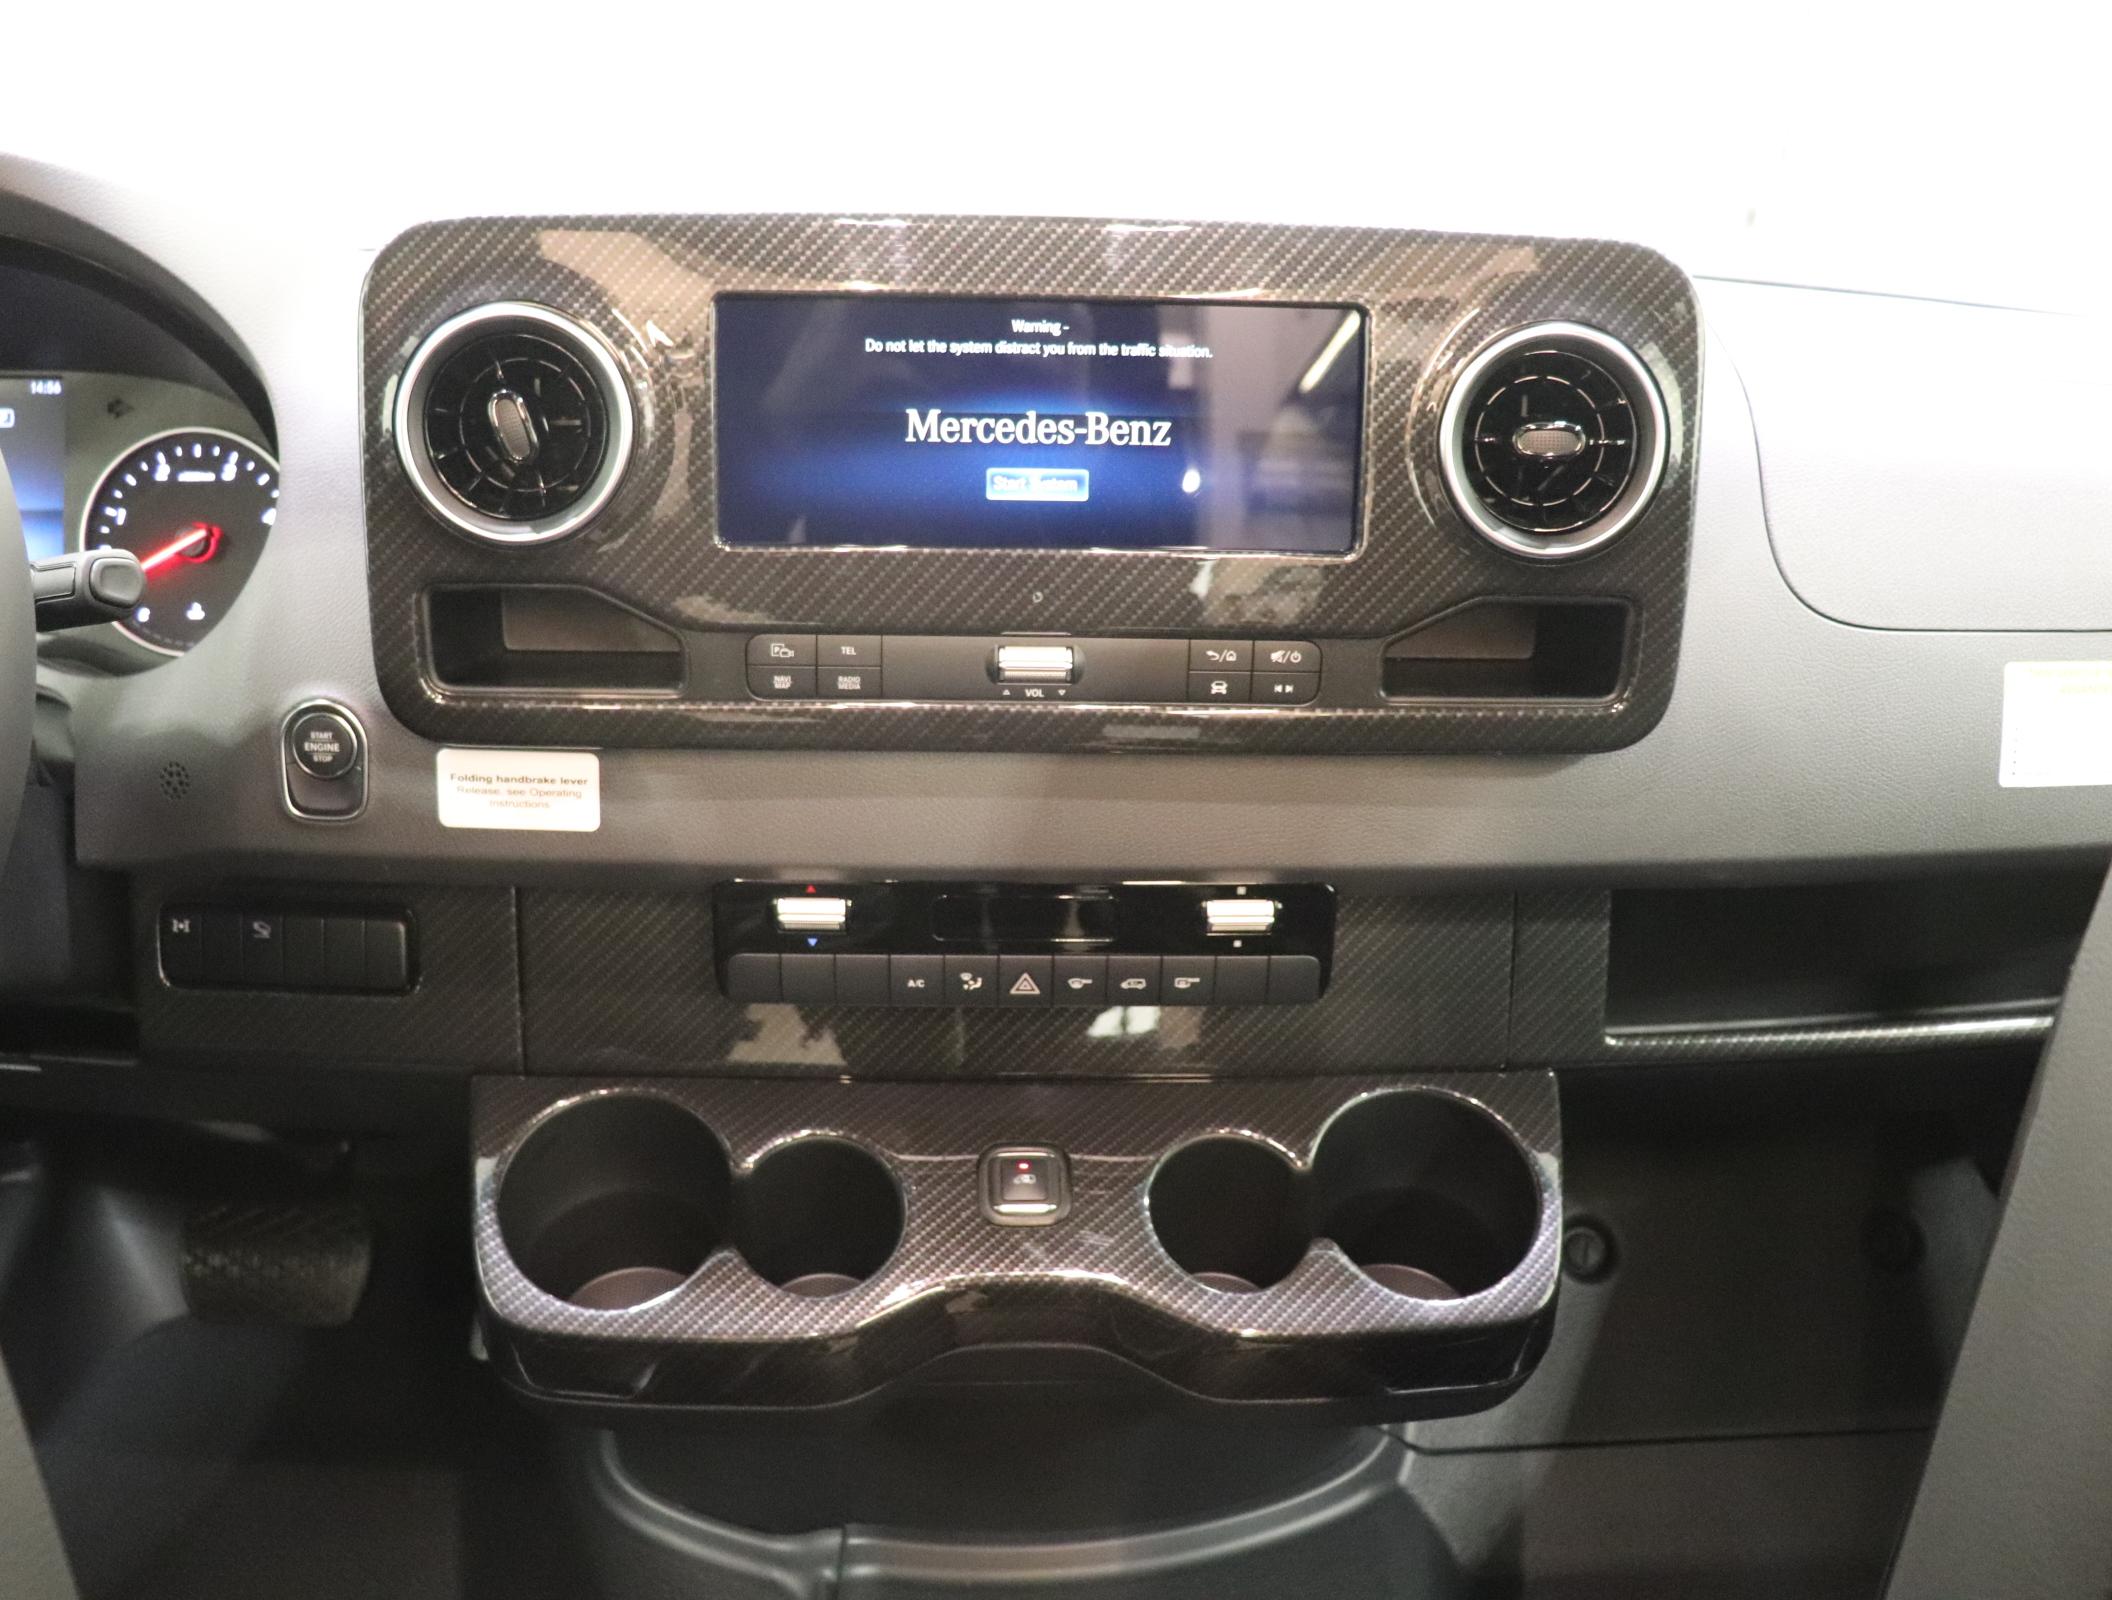 Mercedes Benz VS30 | Lichtsinn RV Blog